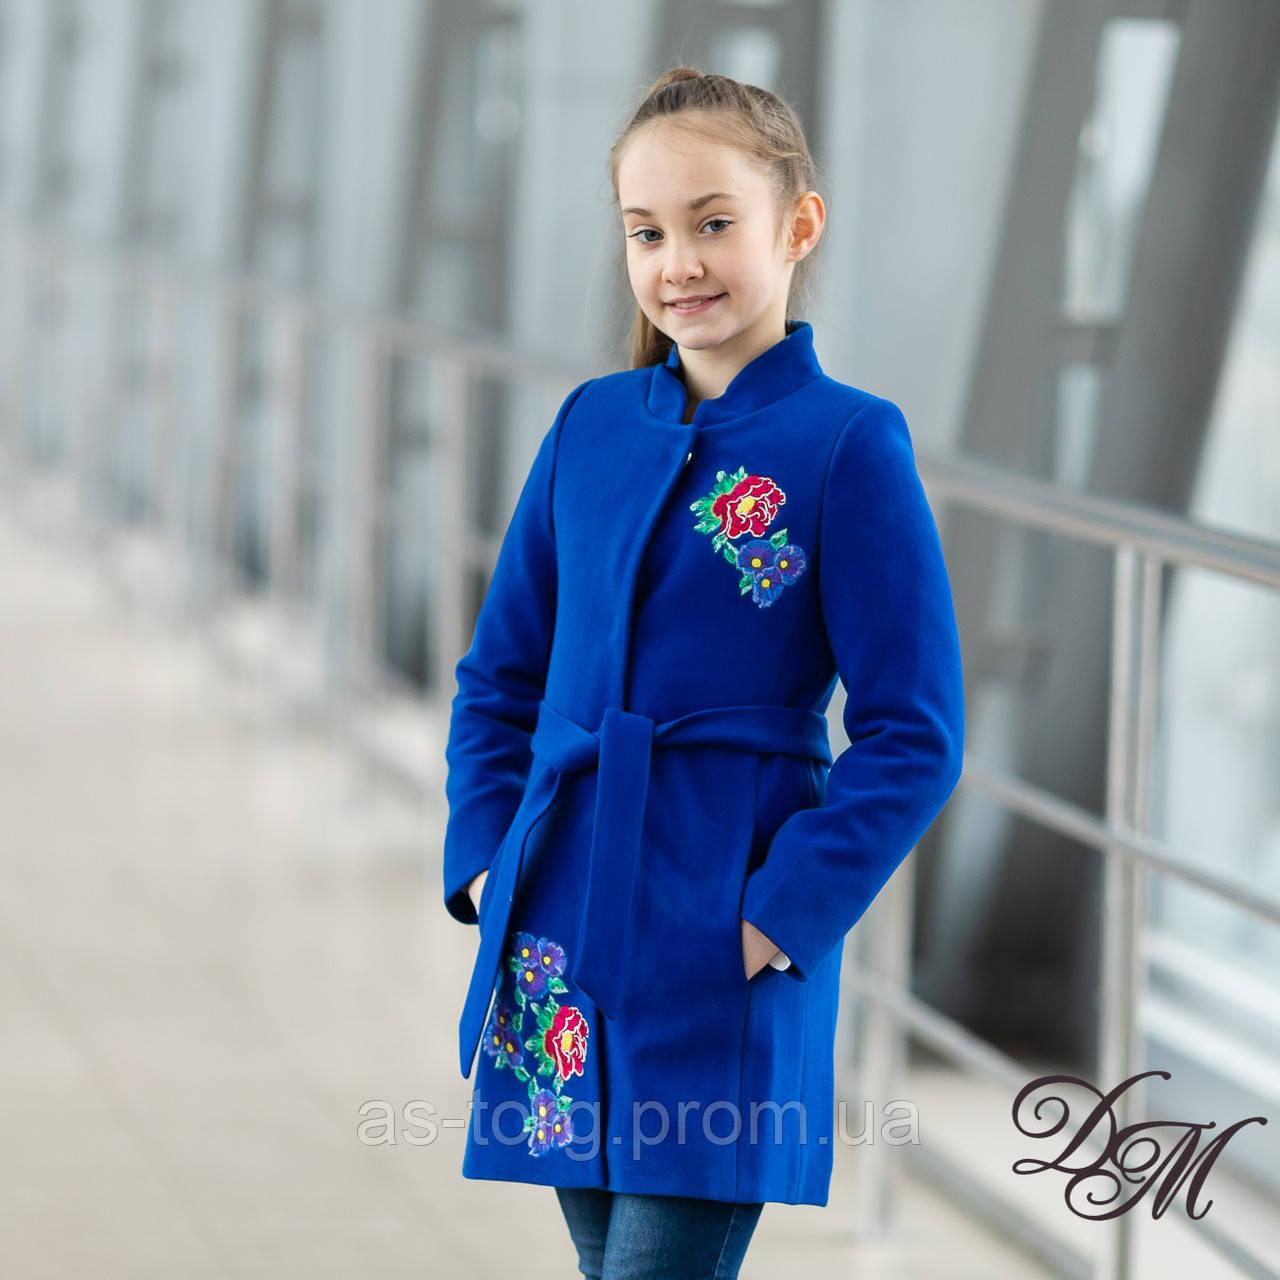 Элегантное кашемировое пальто для девочки « Вышивка - 7 »